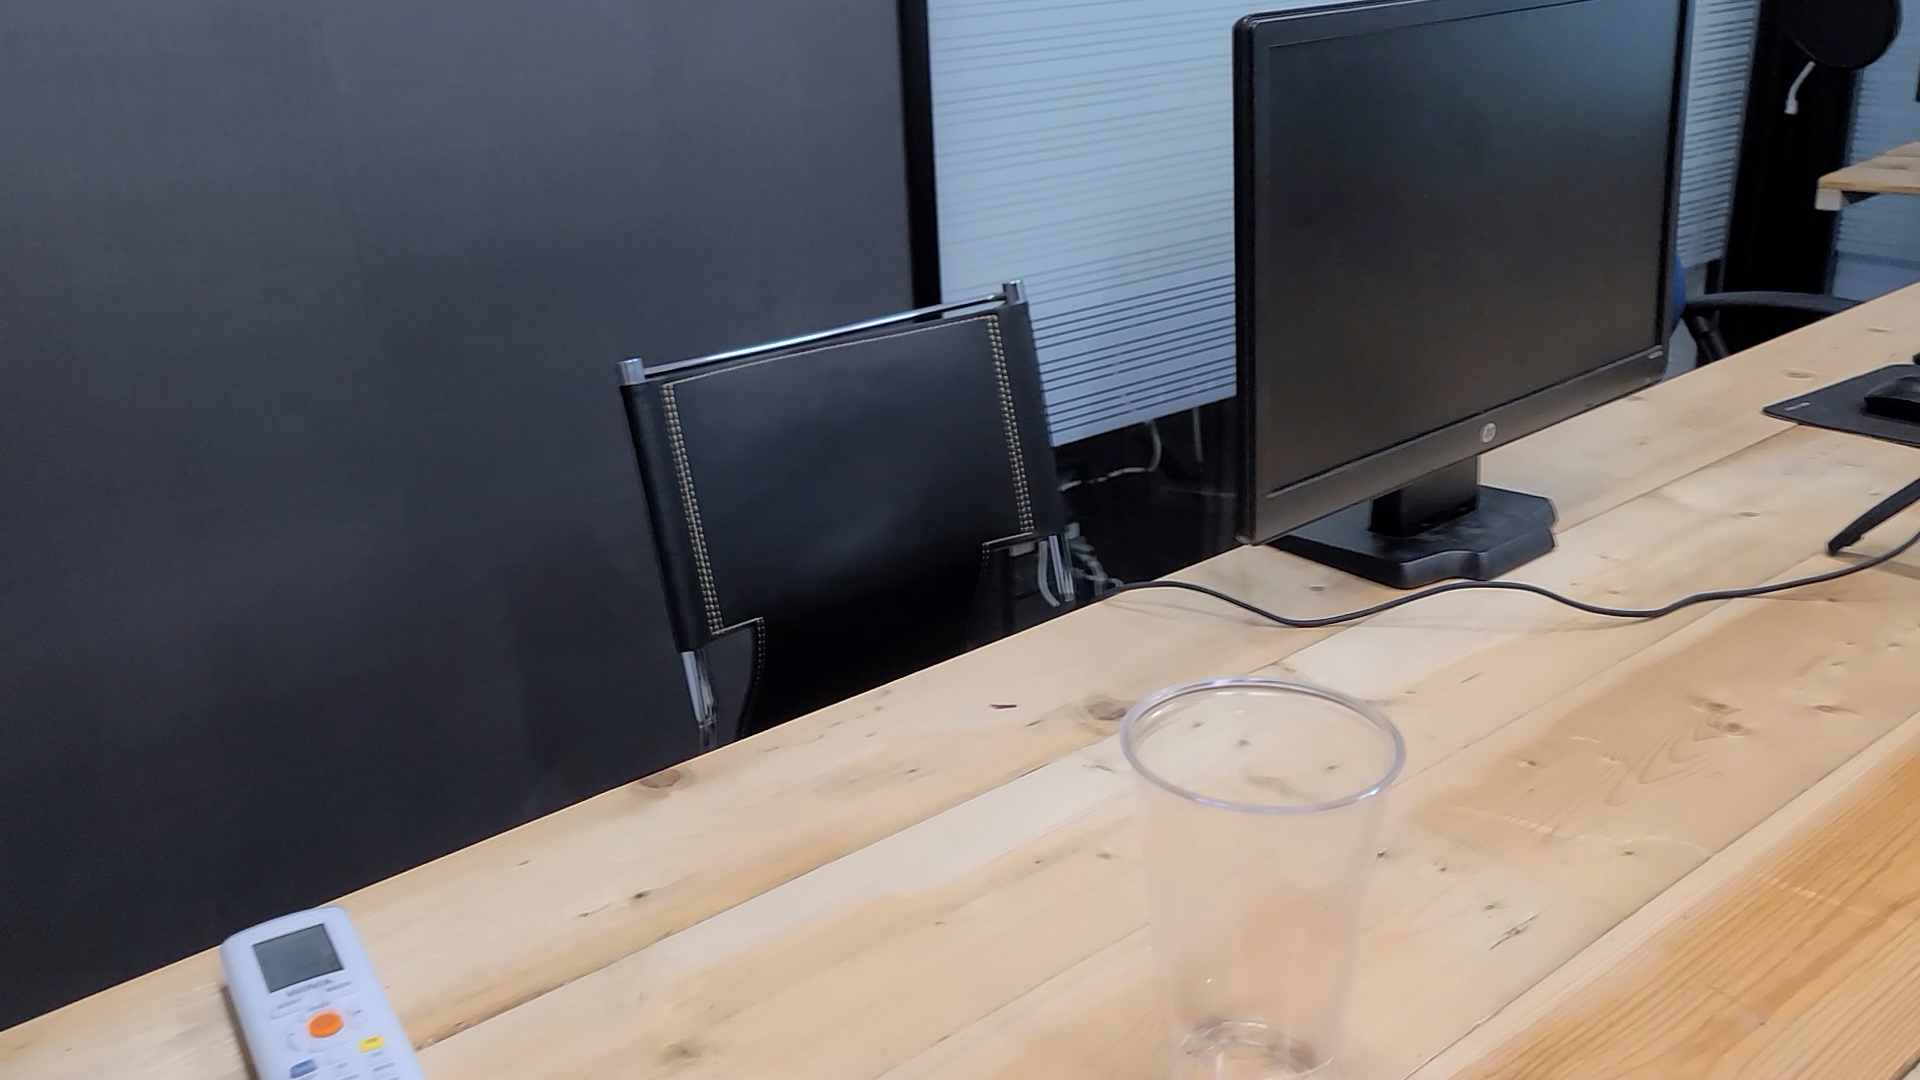 에스플러스학원 Splus Academy 비대면 온라인 완전탈바꿈.00_02_06_12.스틸 062제6강의실의자와컴퓨터.jpg